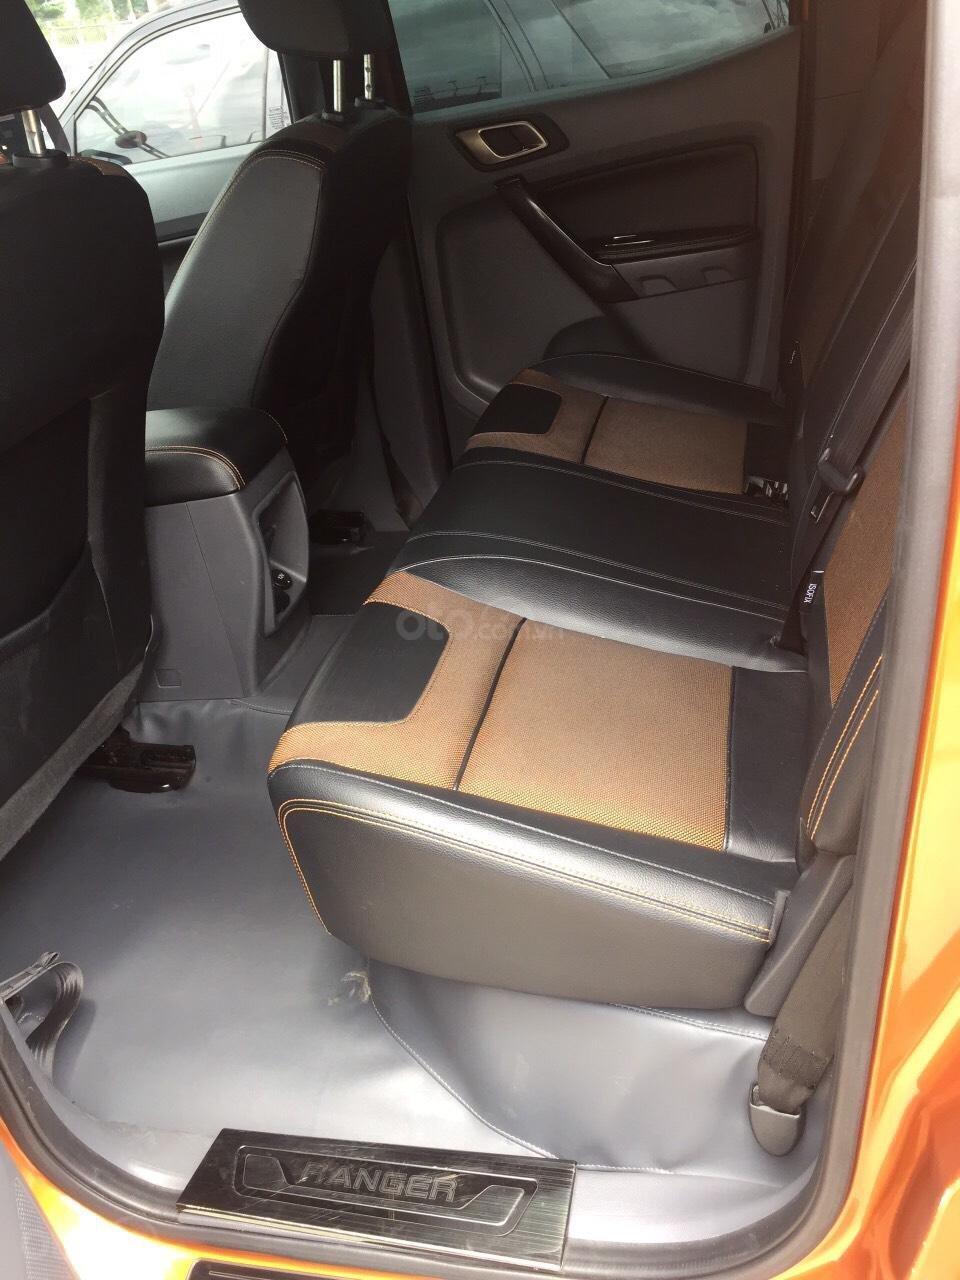 Ranger Wildtrak 3.2L 2016, xe bán tại hãng Western Ford có bảo hành-5